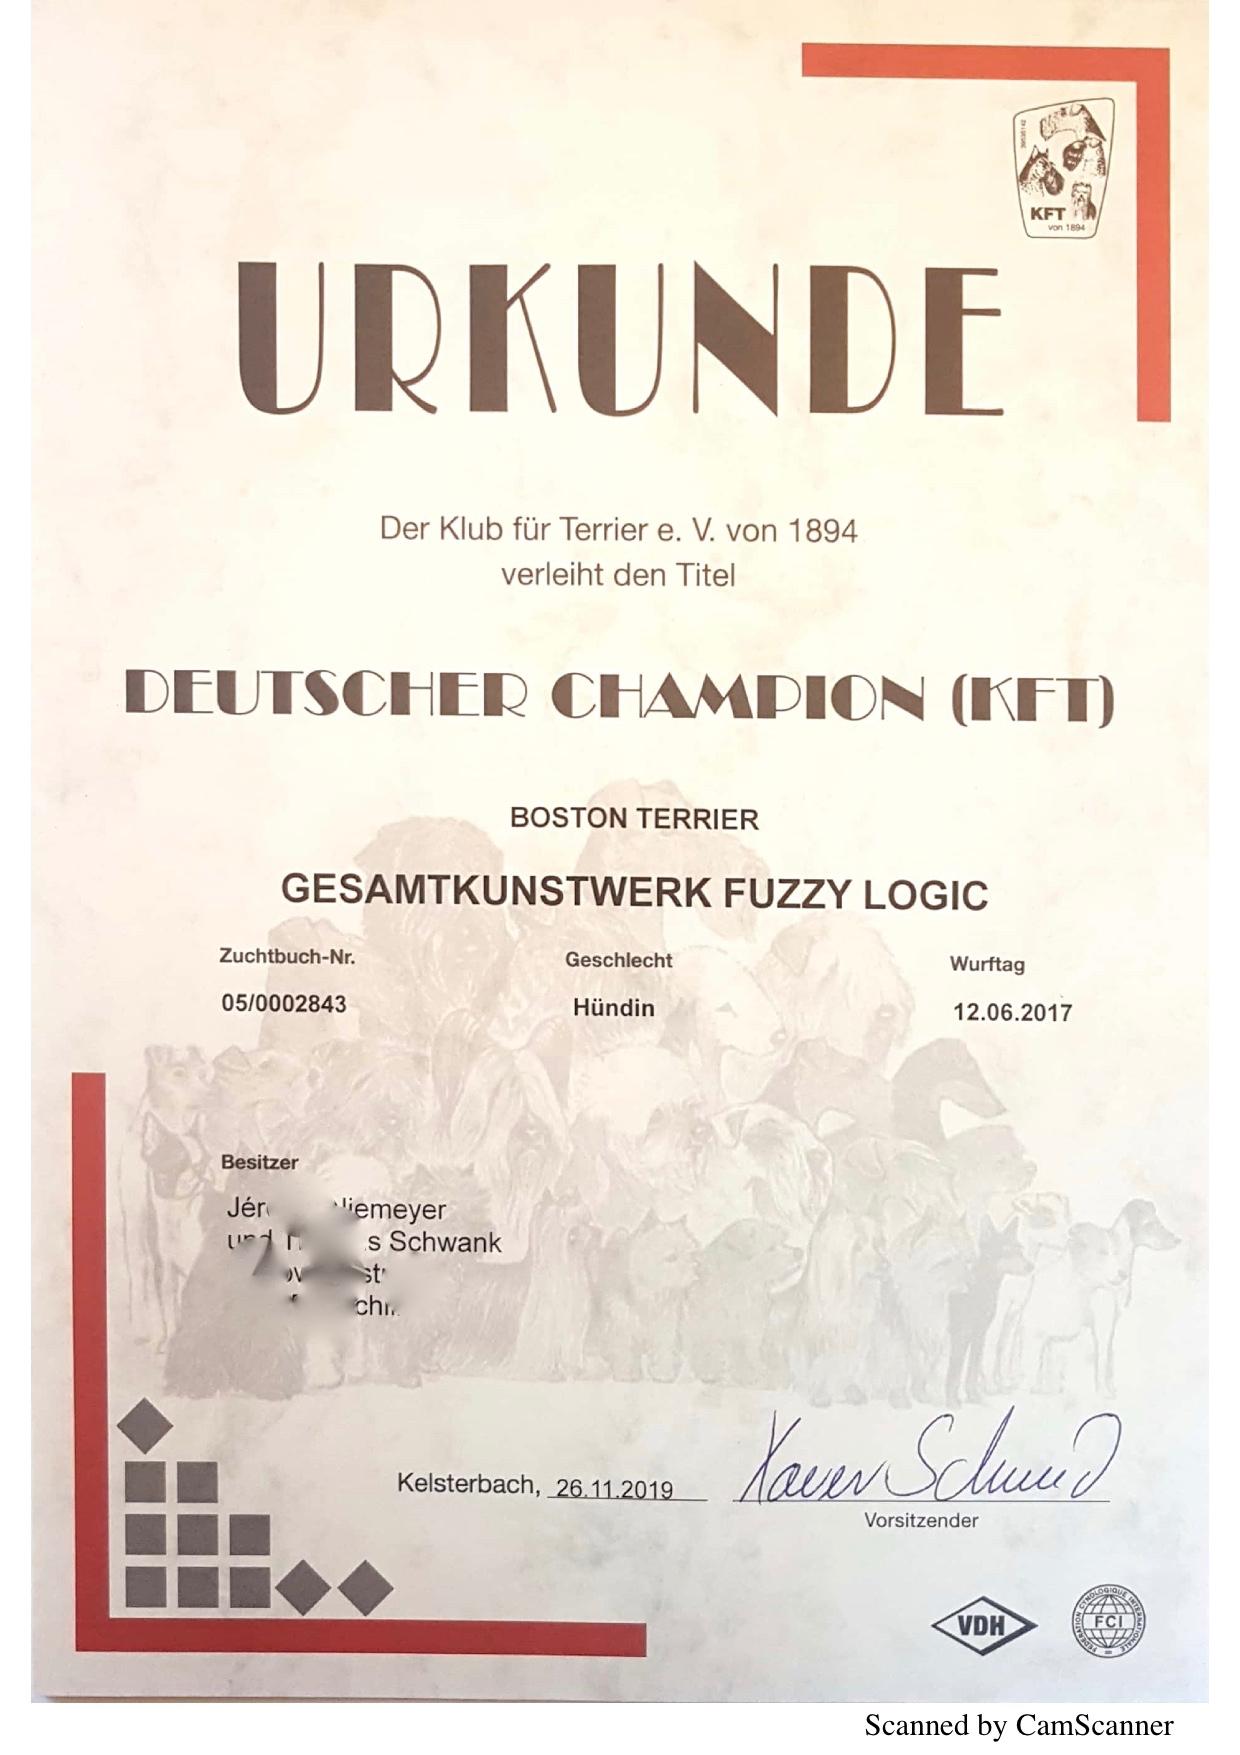 KFTChampionFuzzy2019 (1)